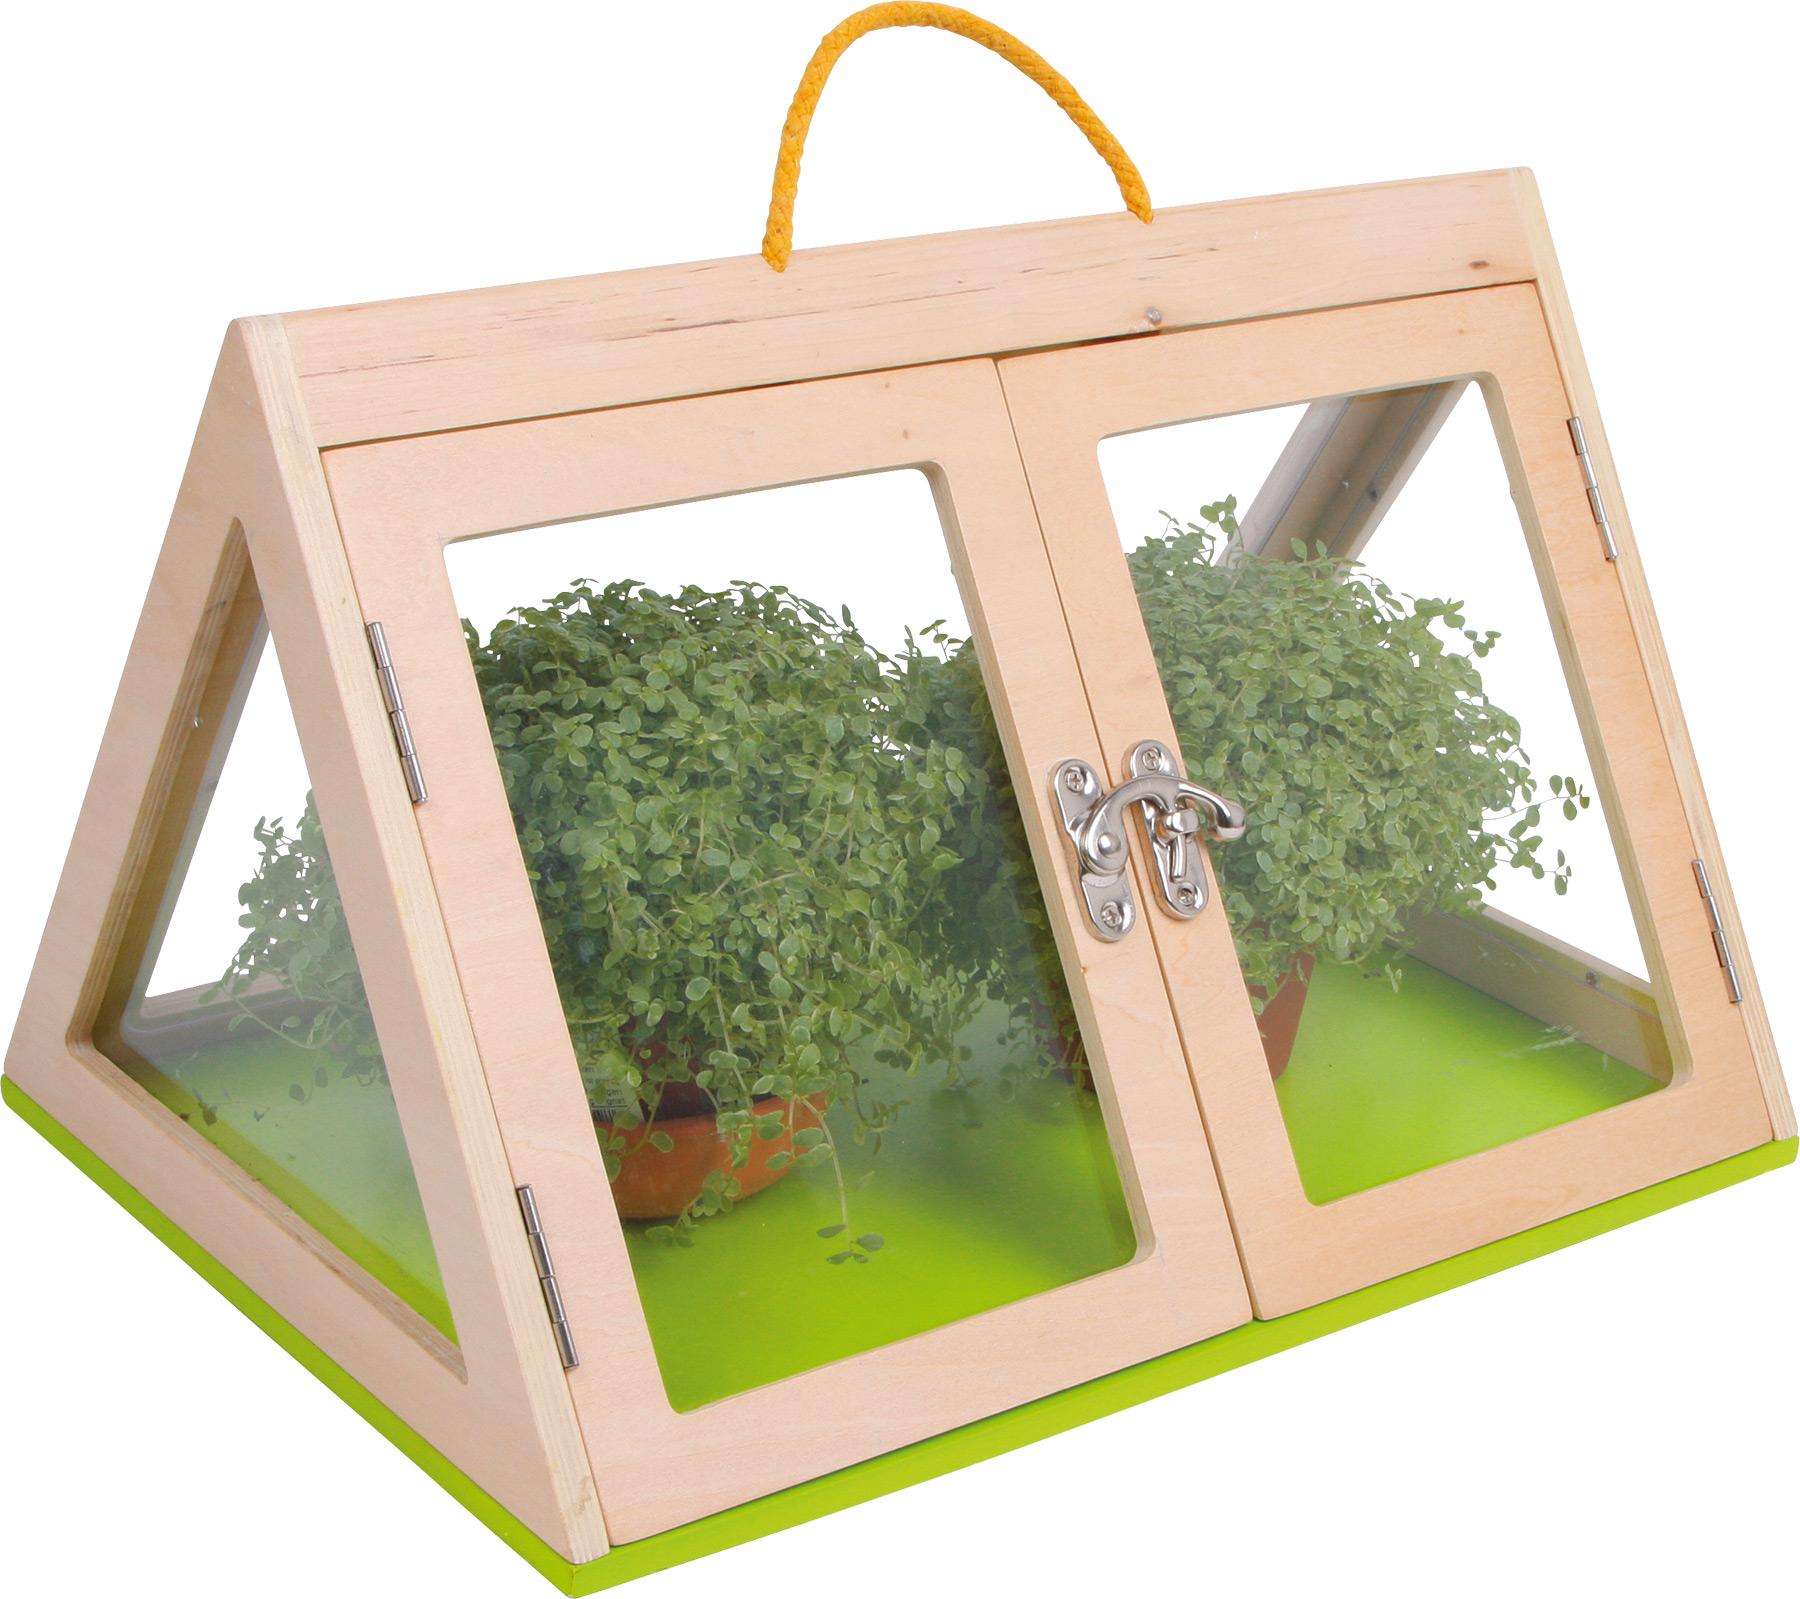 Small foot - Green house pyramid